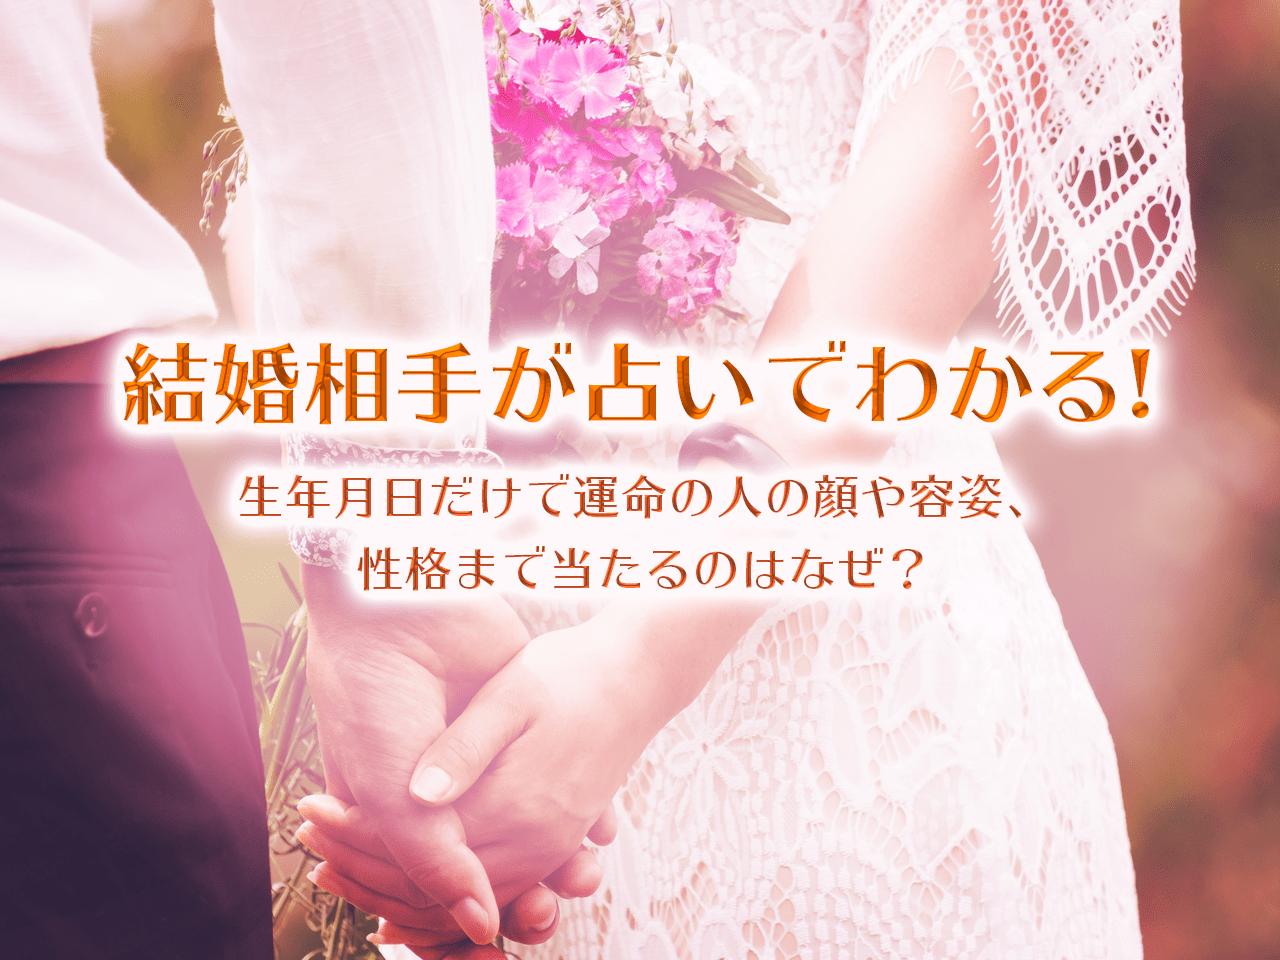 占い 当たる 無料 相手 結婚 【結婚をしたい方必見】水晶玉子が占うあなたの結婚相手